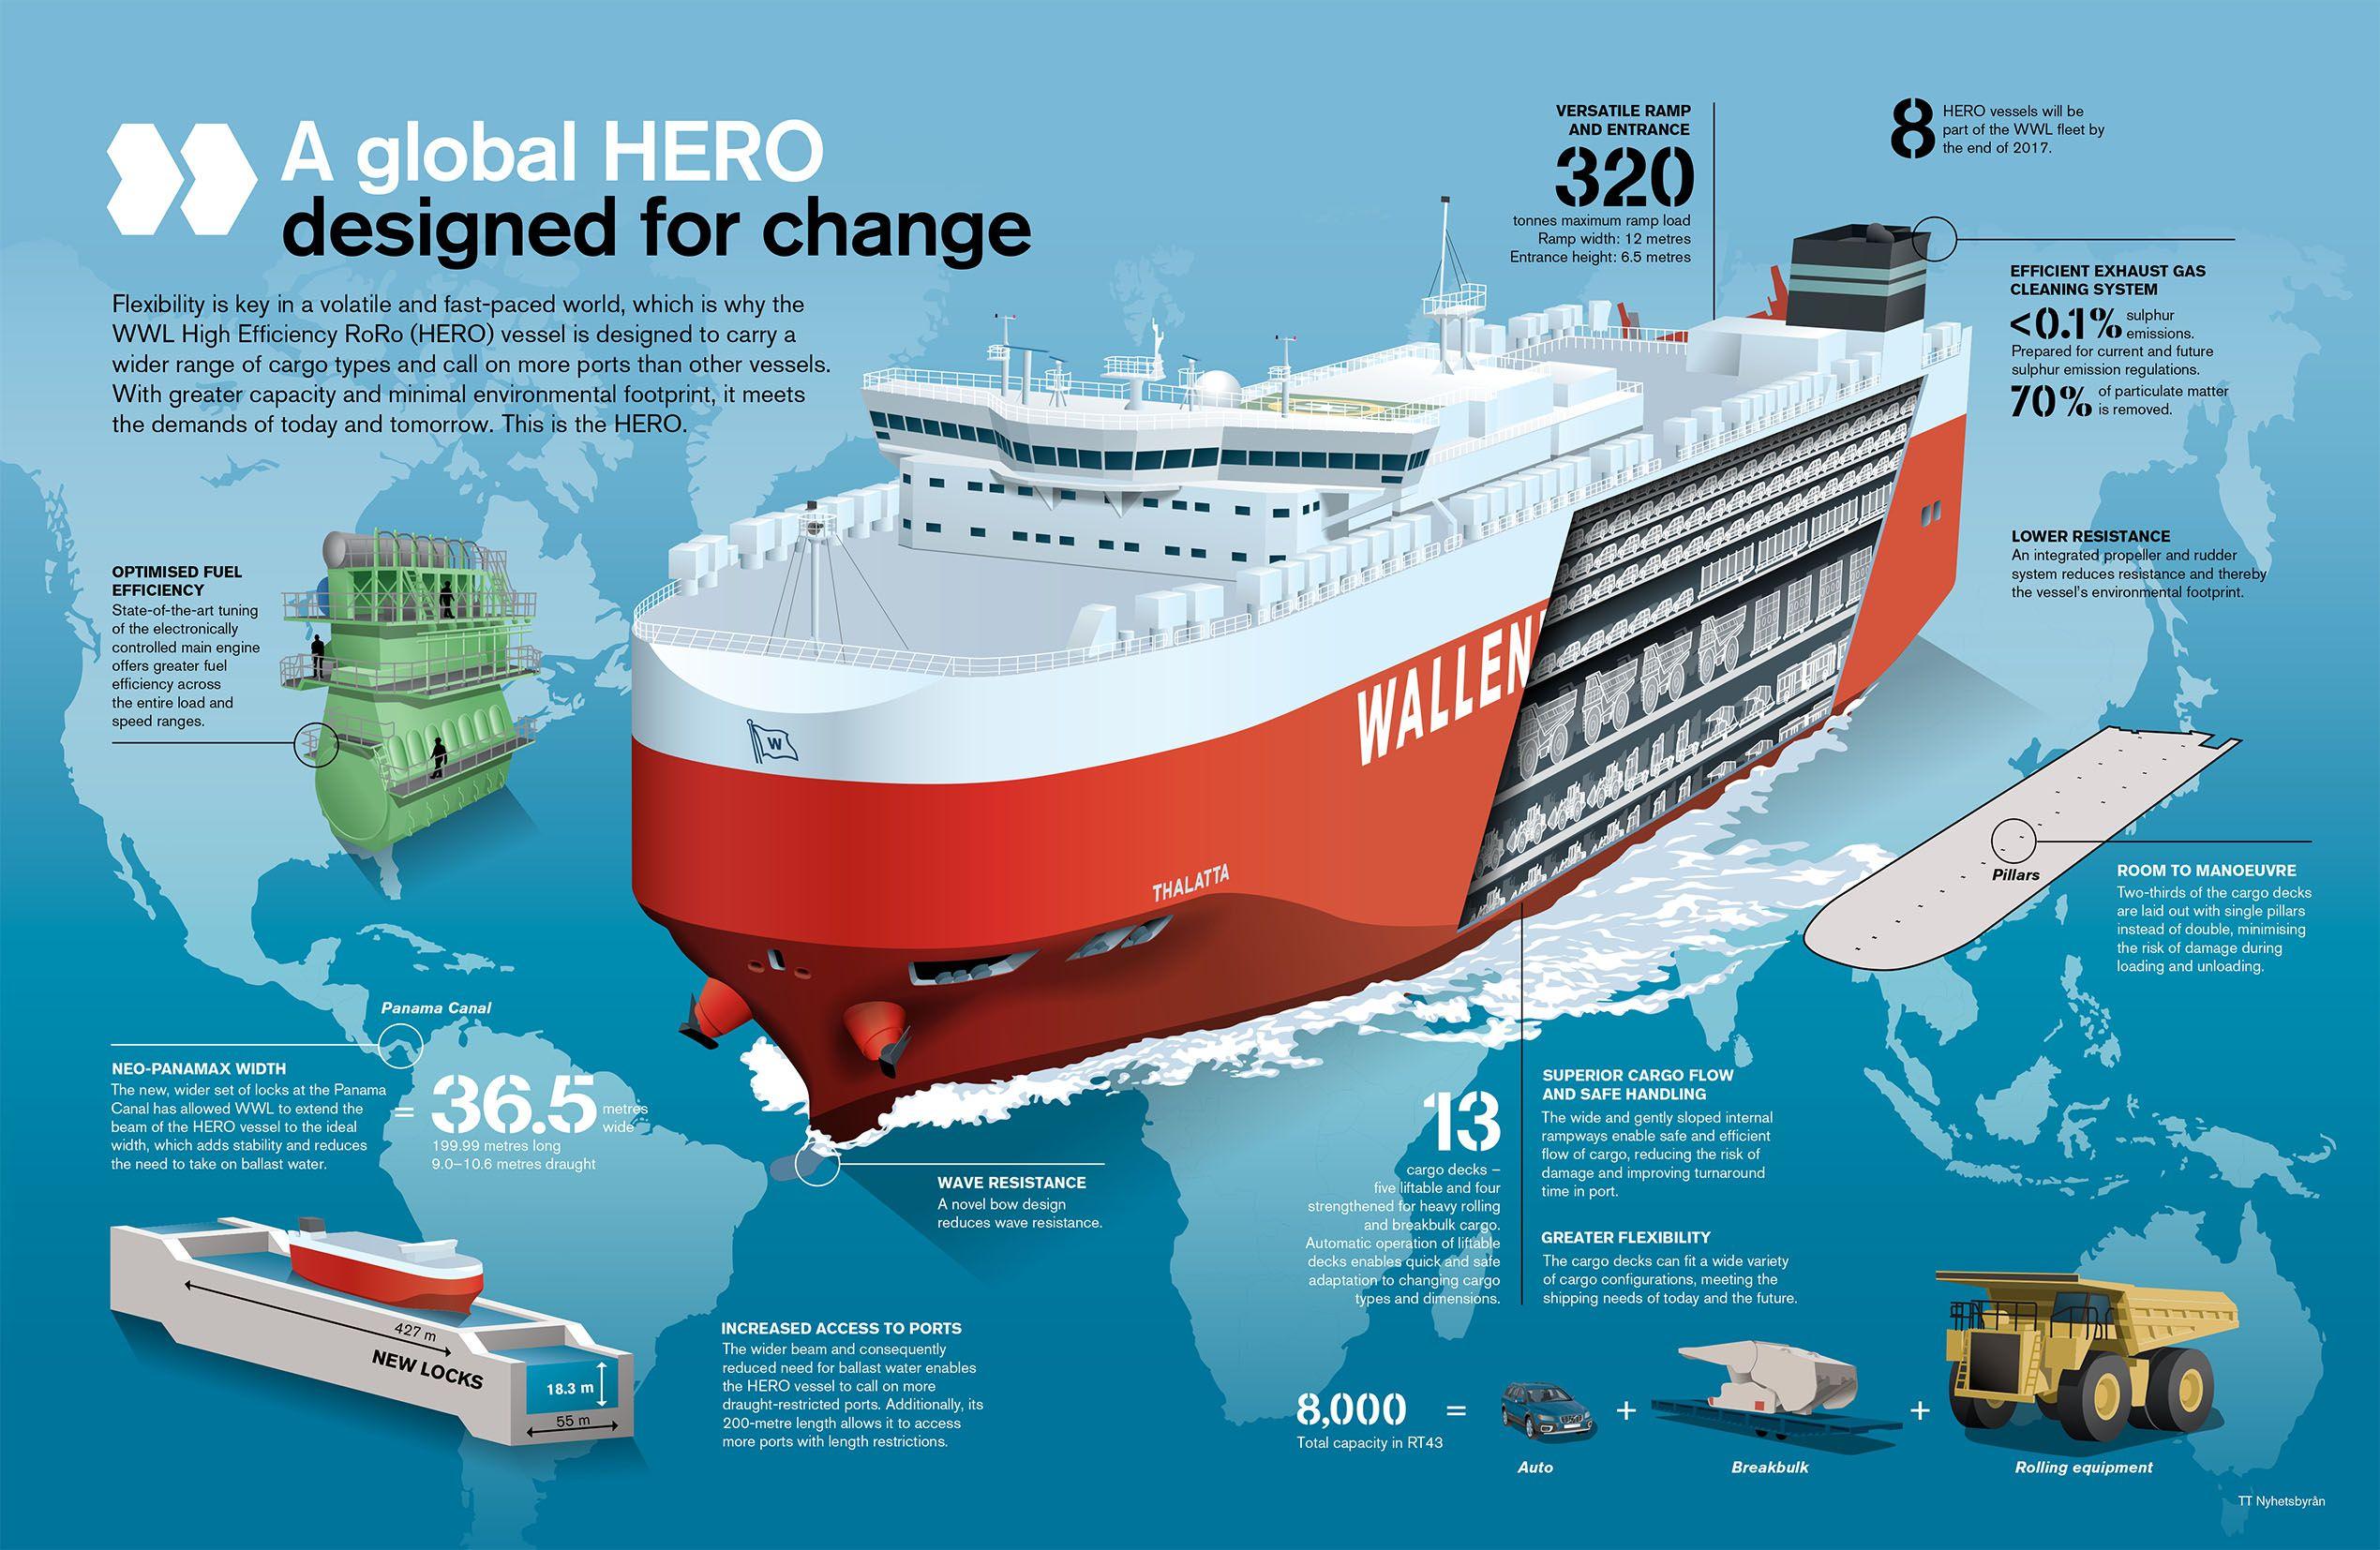 Un «ladrillo flotante» llamado Thermopylae, el buque de transporte que busca la eficiencia energética